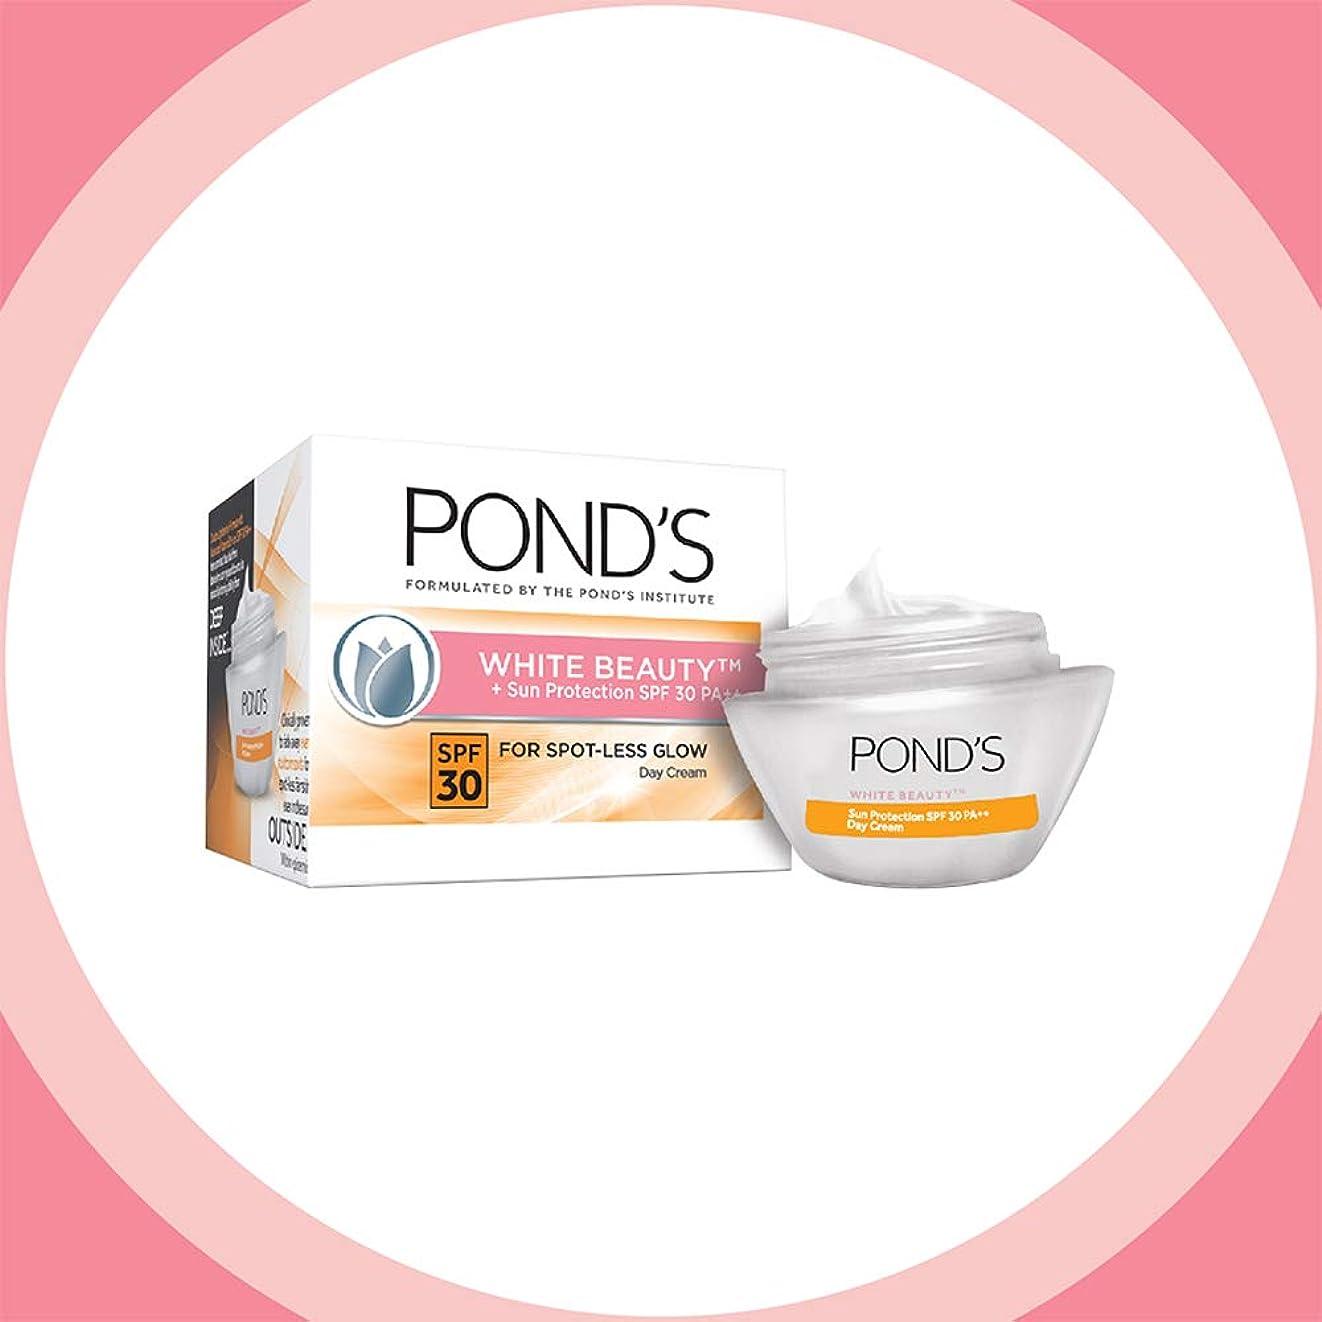 解明する不快な反毒POND'S White Beauty Sun Protection SPF 30 Day Cream, 35 gms (並行インポート) India